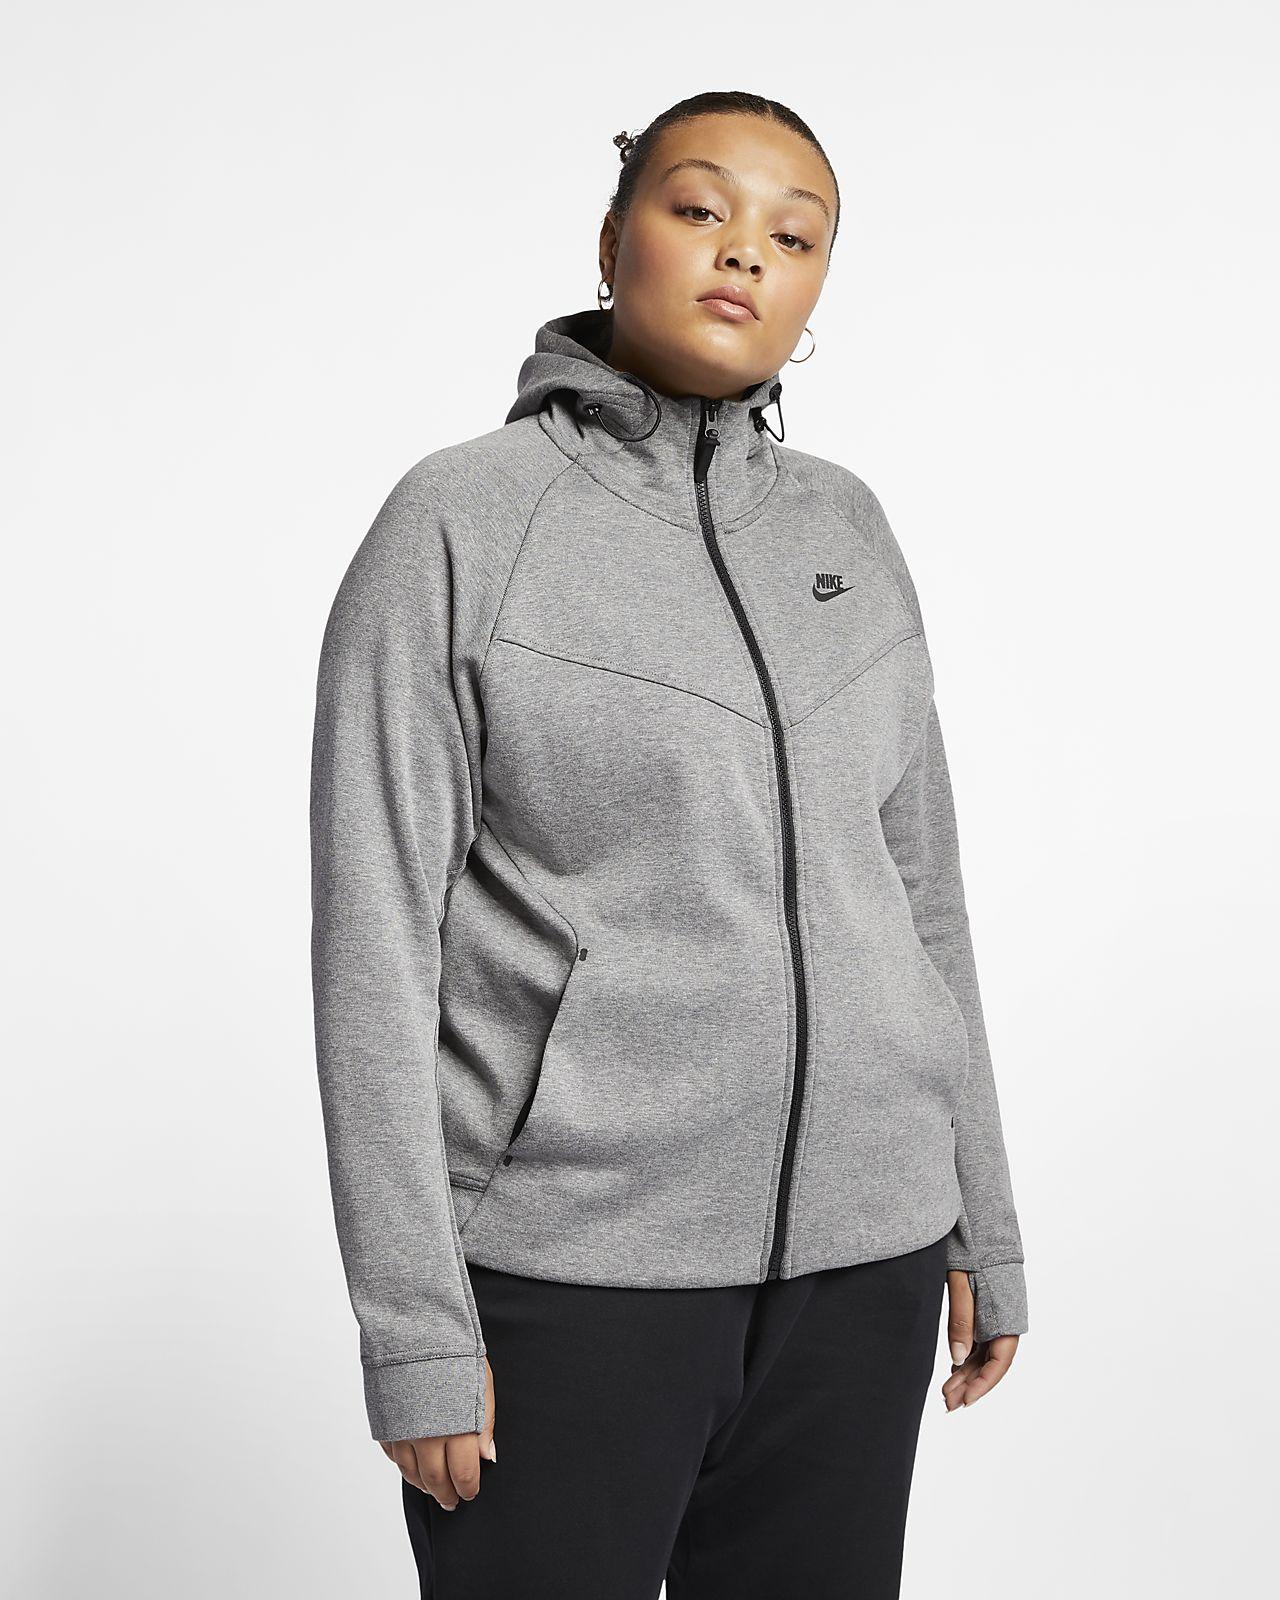 ba2be6d775f Nike Sportswear Tech Fleece (Plus Size) Women s Full-Zip Hoodie ...